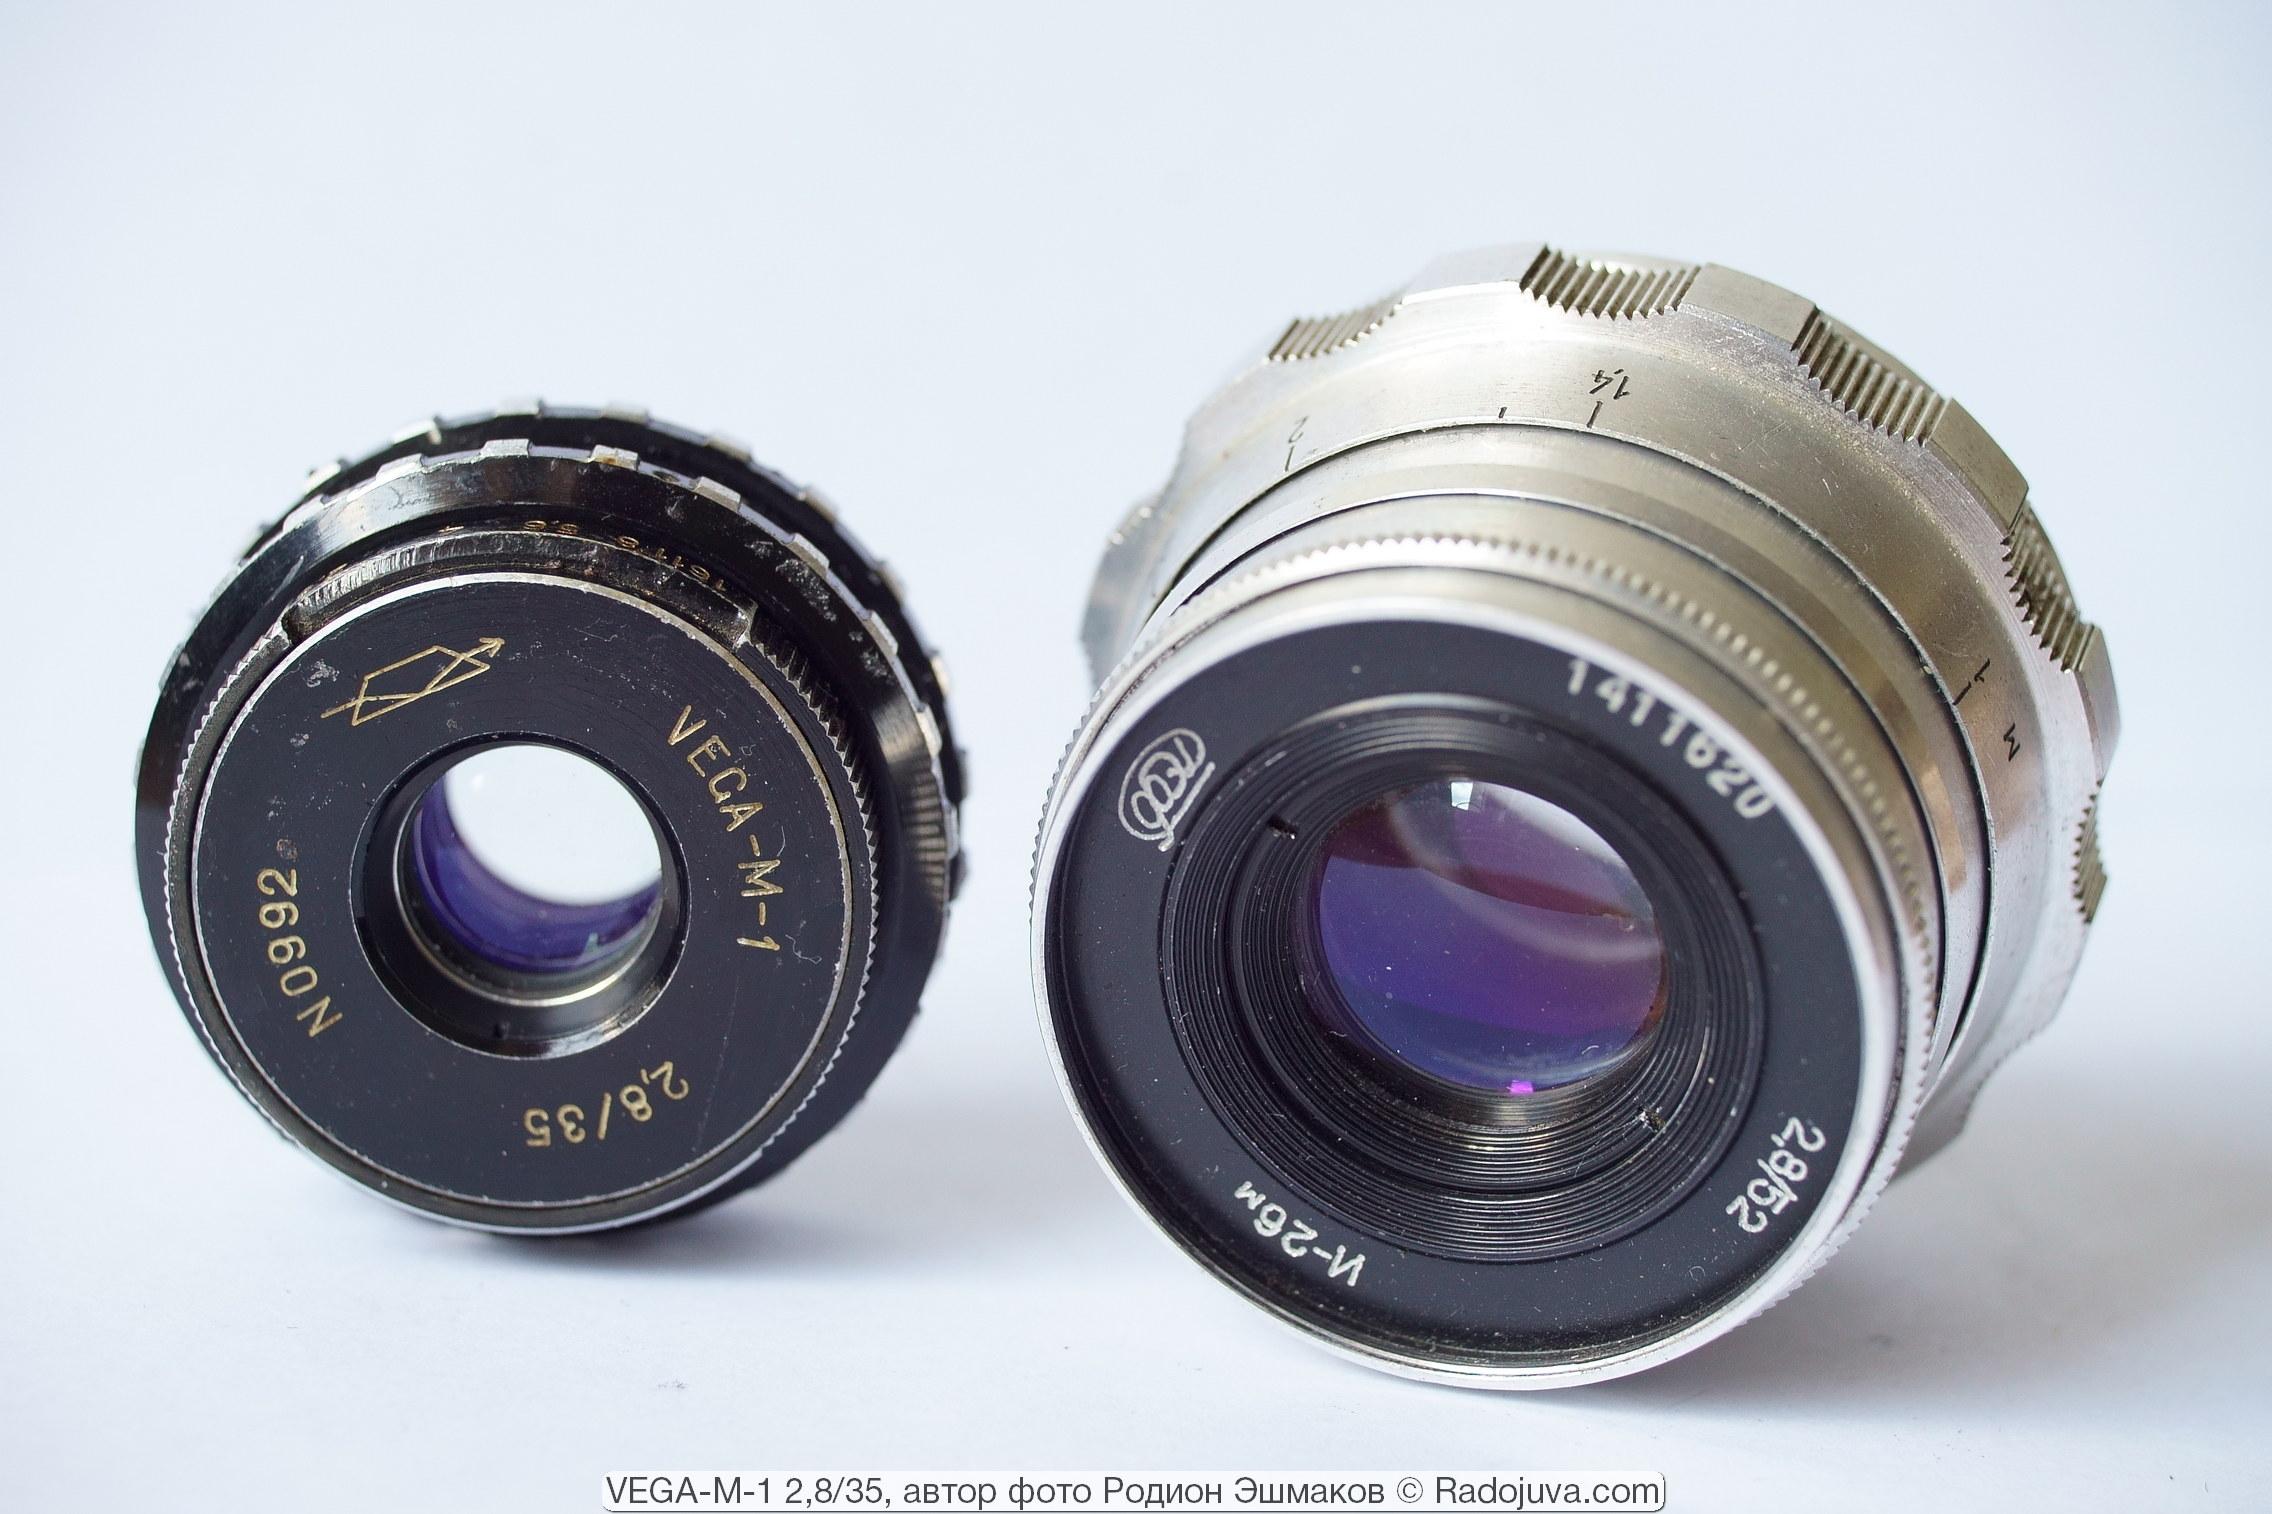 Вега-М-1 и Индустар-26м